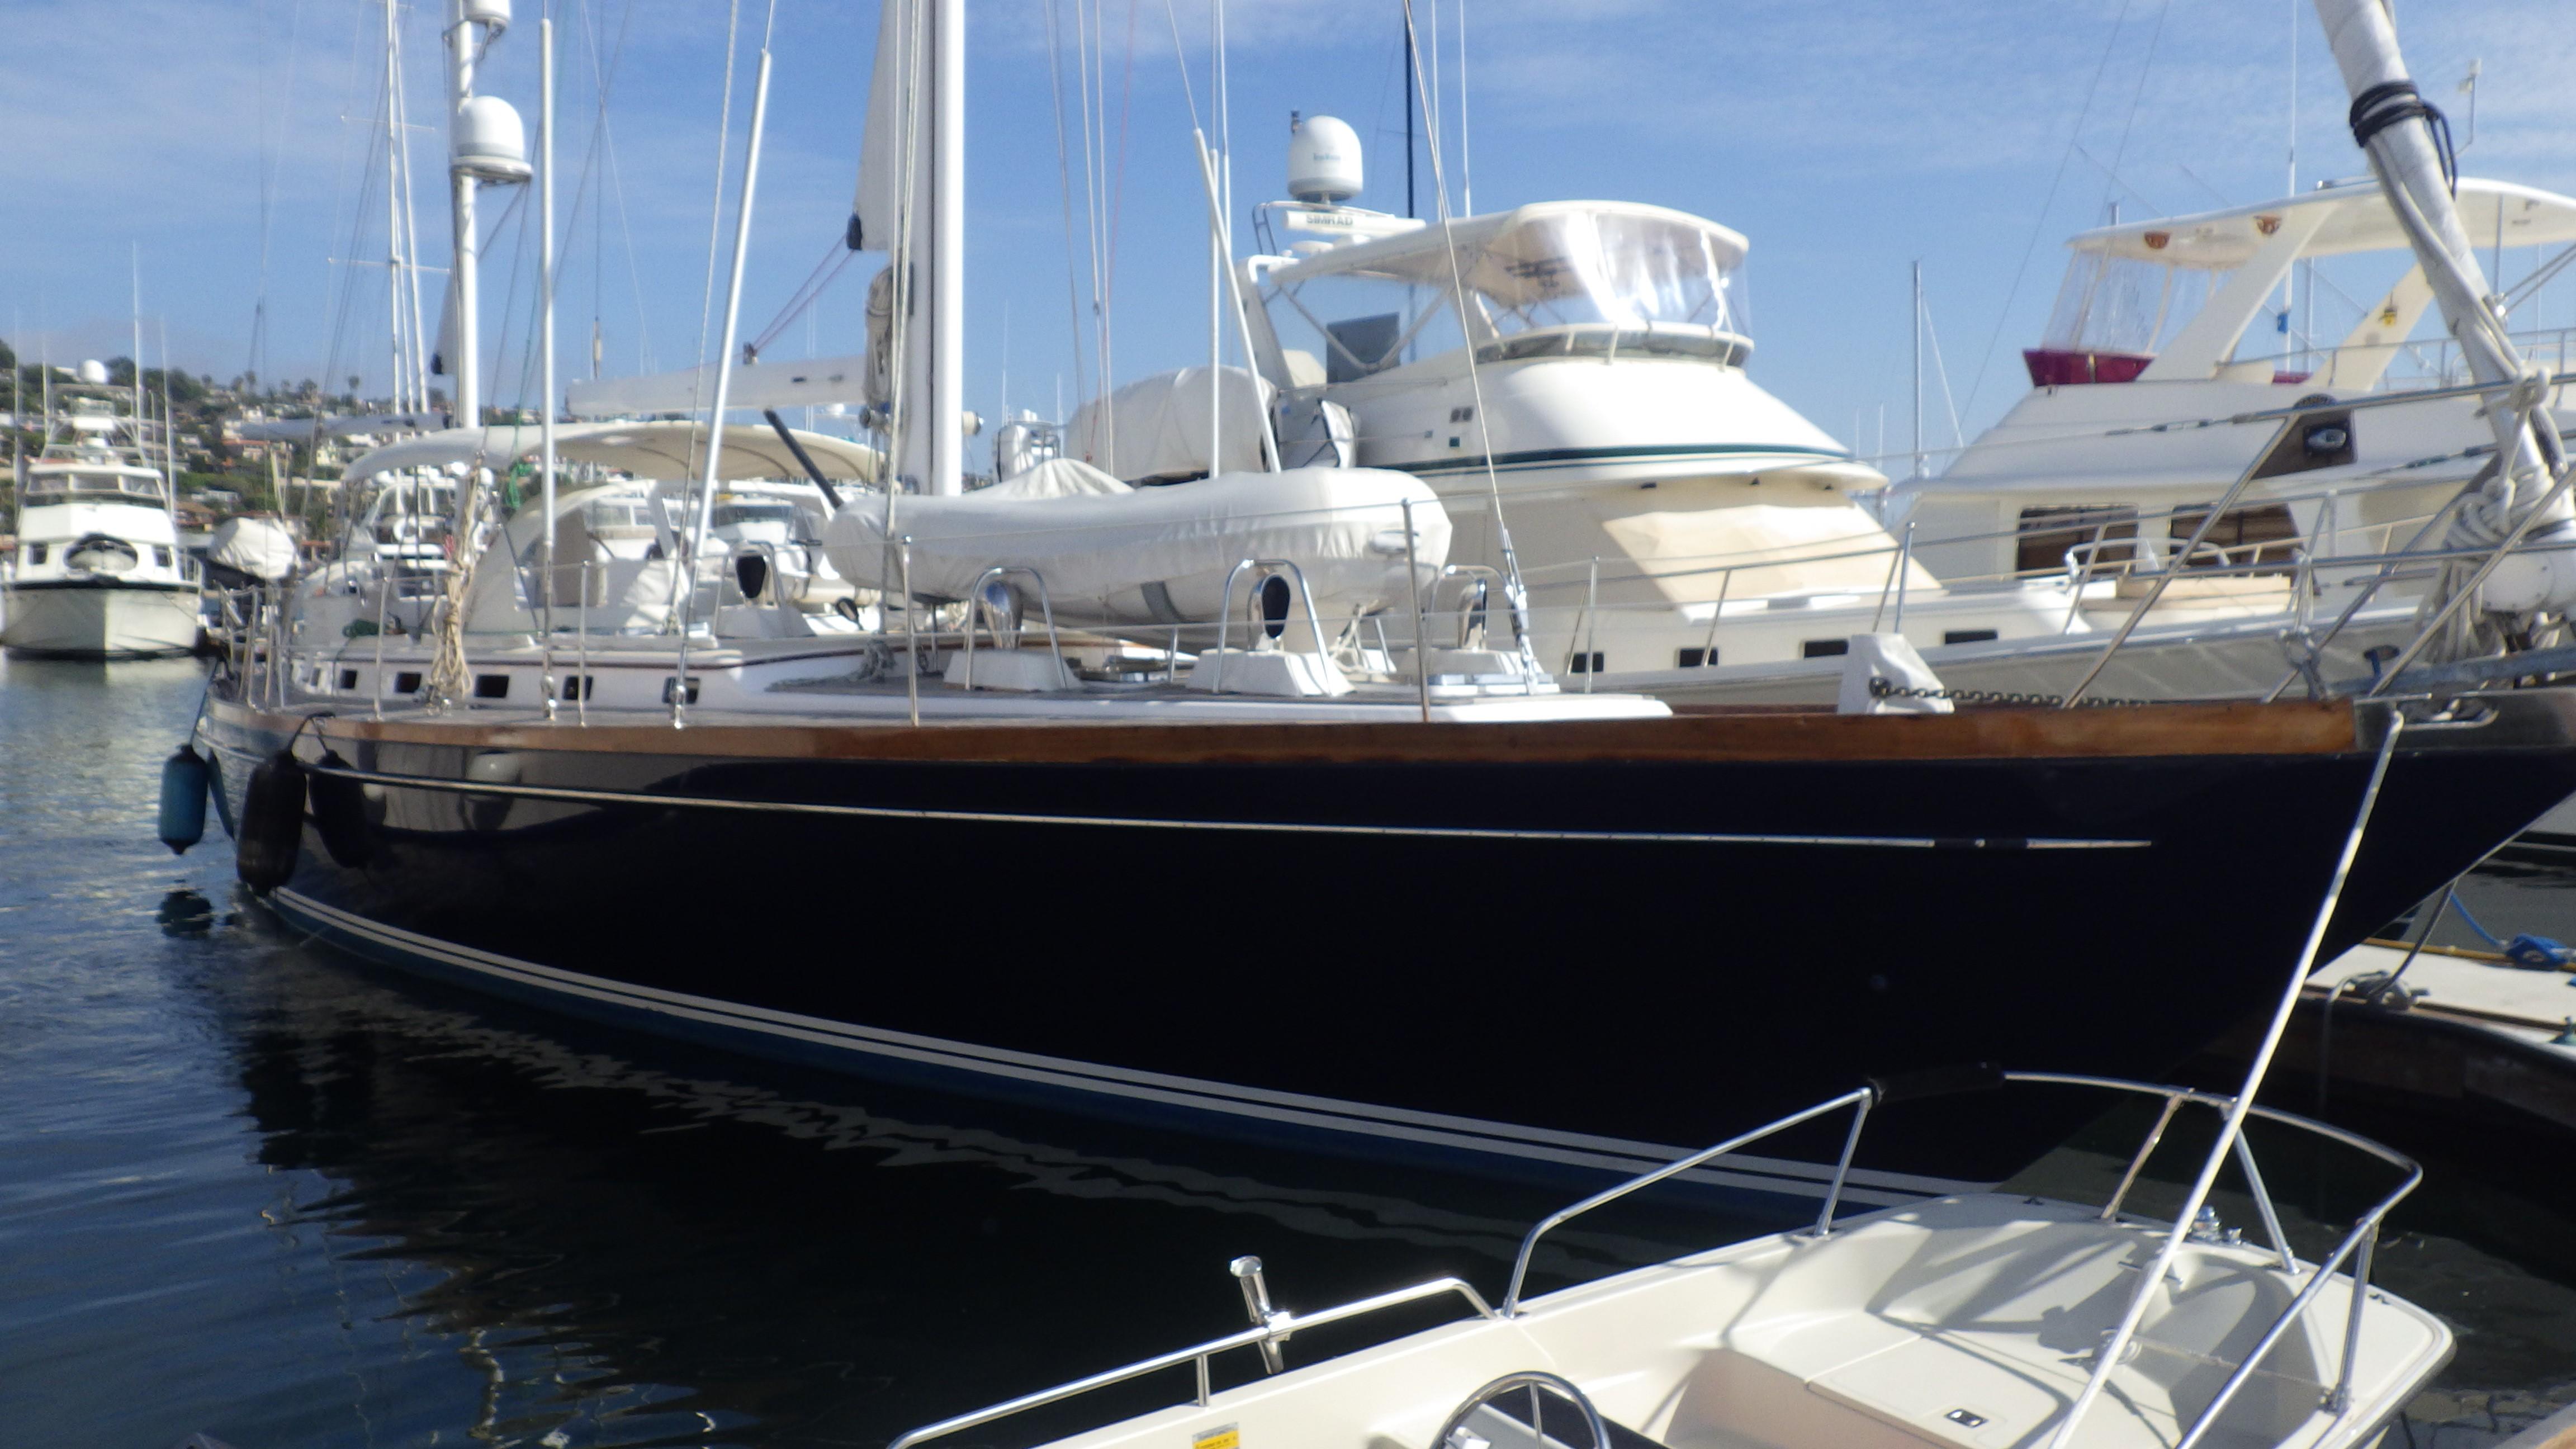 65' Little Harbor sailboat | Christian & Co.